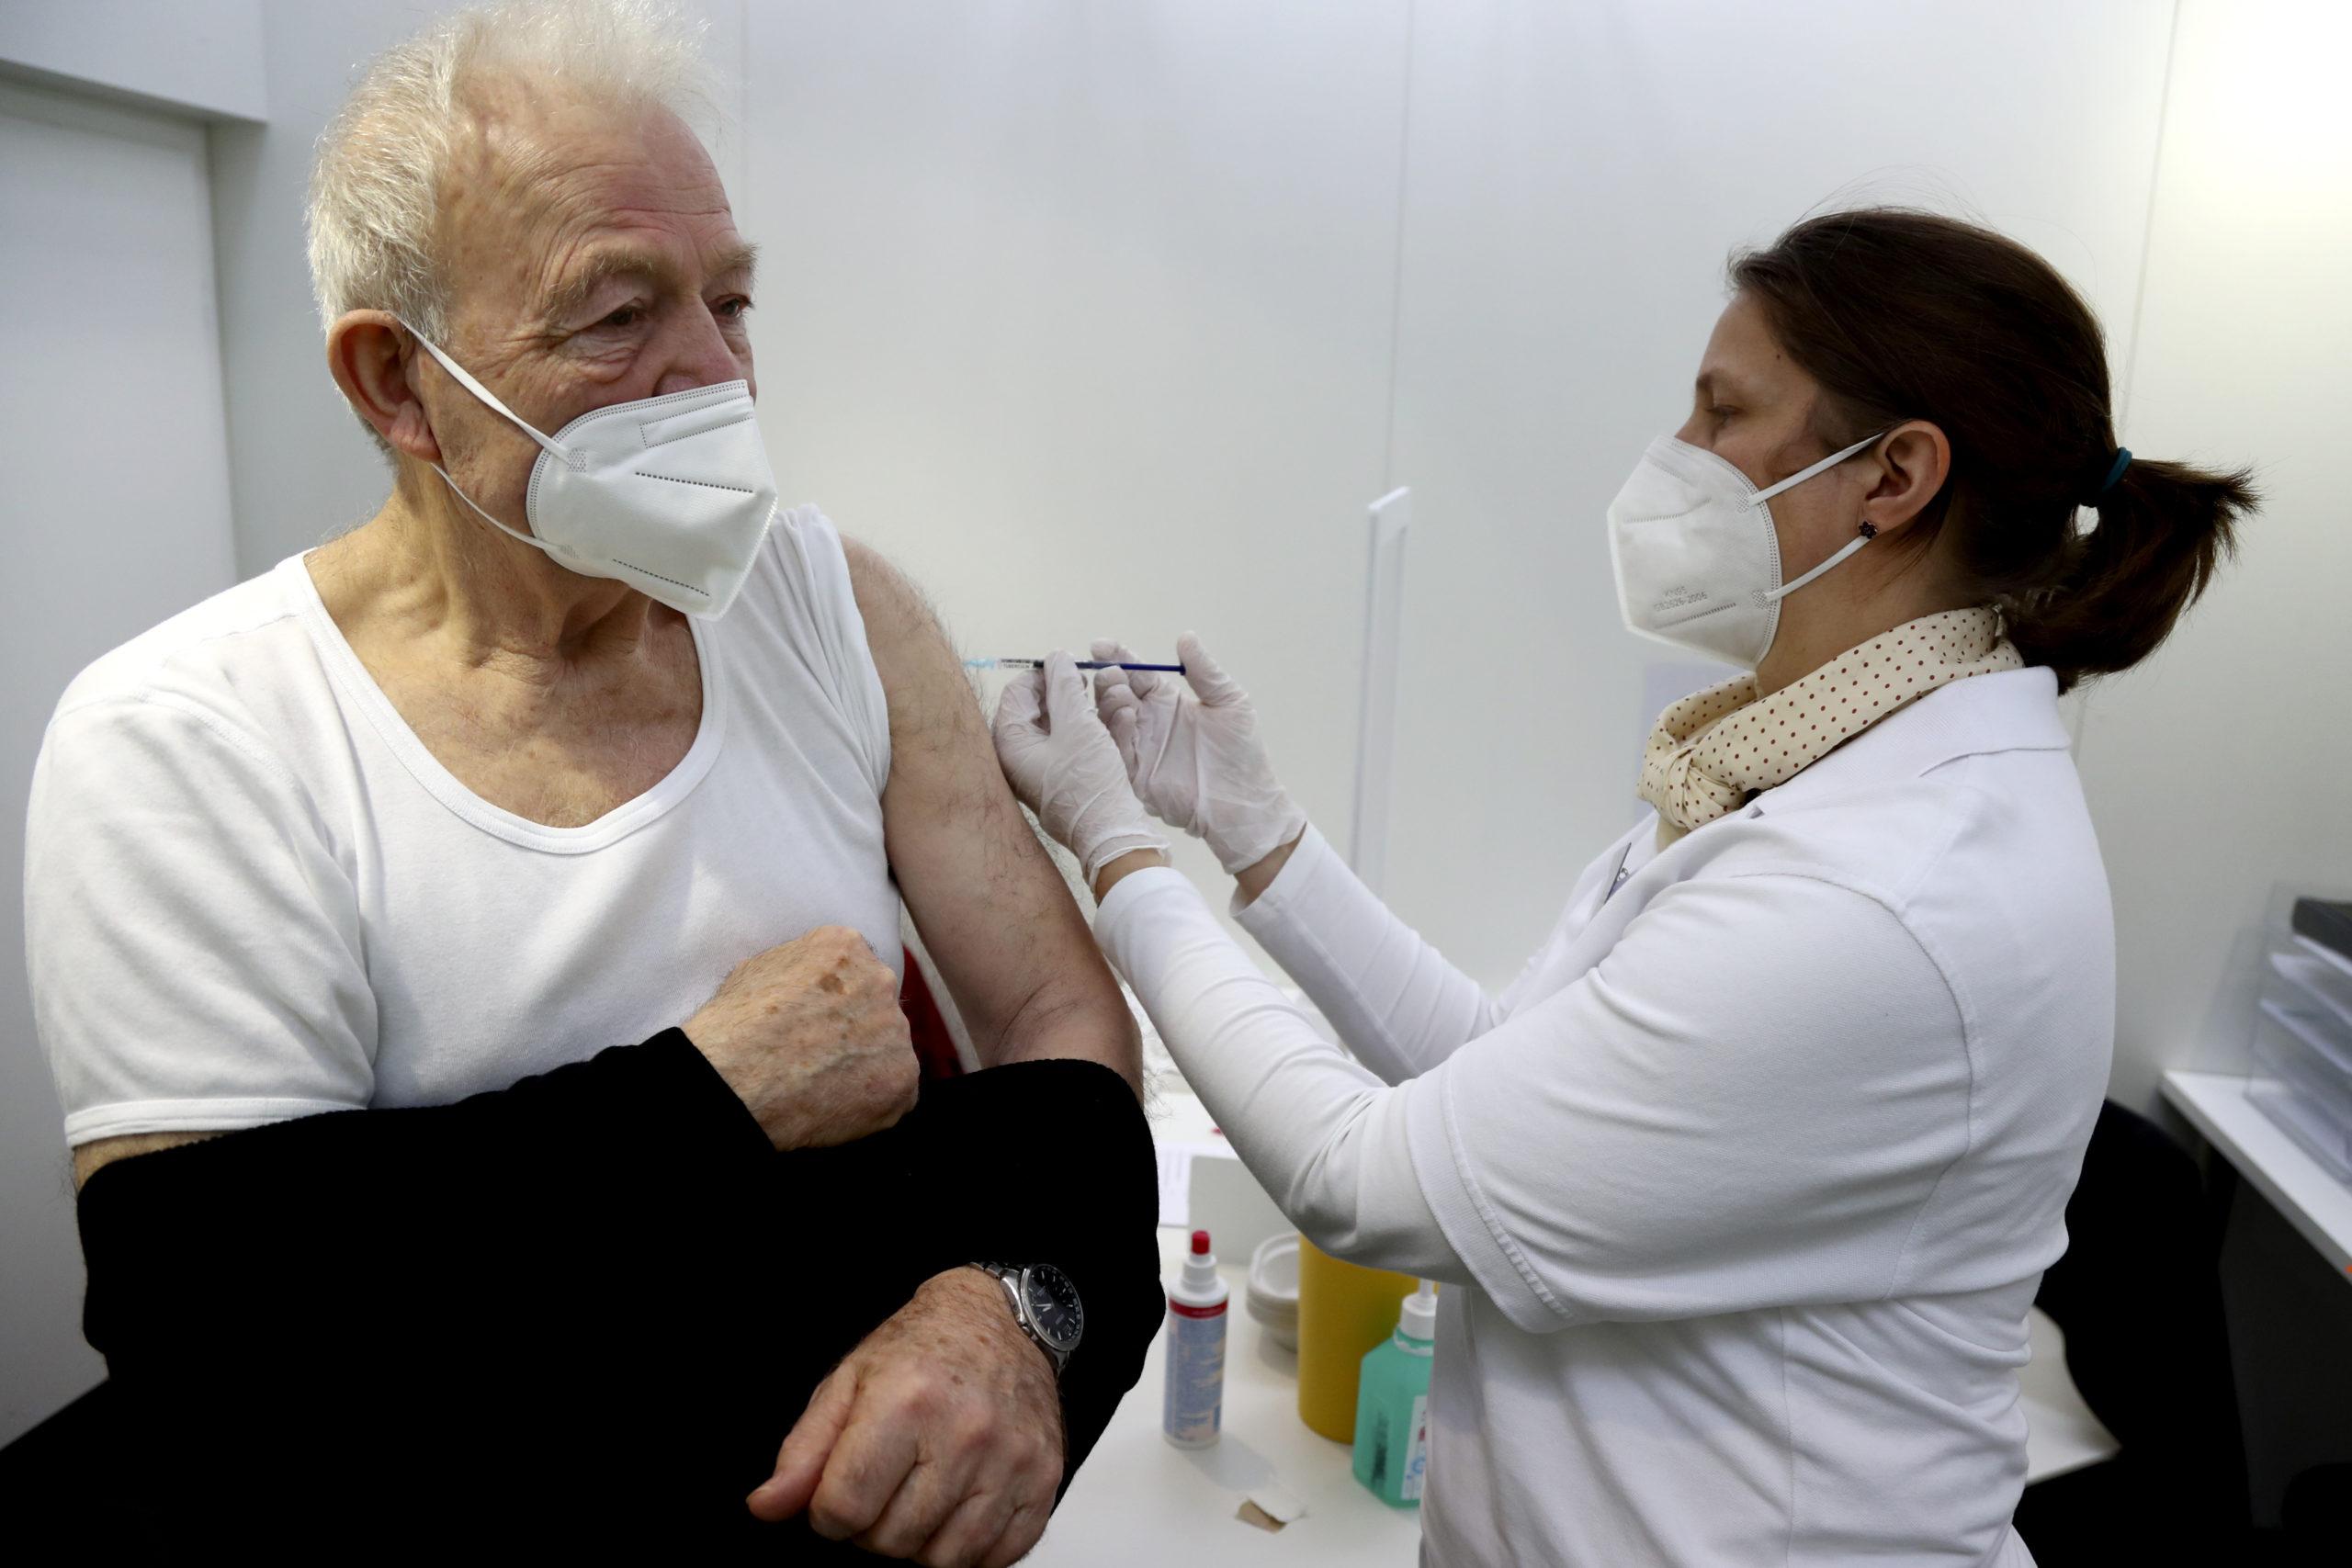 Στις 30/9 ανοίγει η πλατφόρμα για την τρίτη δόση στους άνω των 60 και τους υγειονομικούς (video)